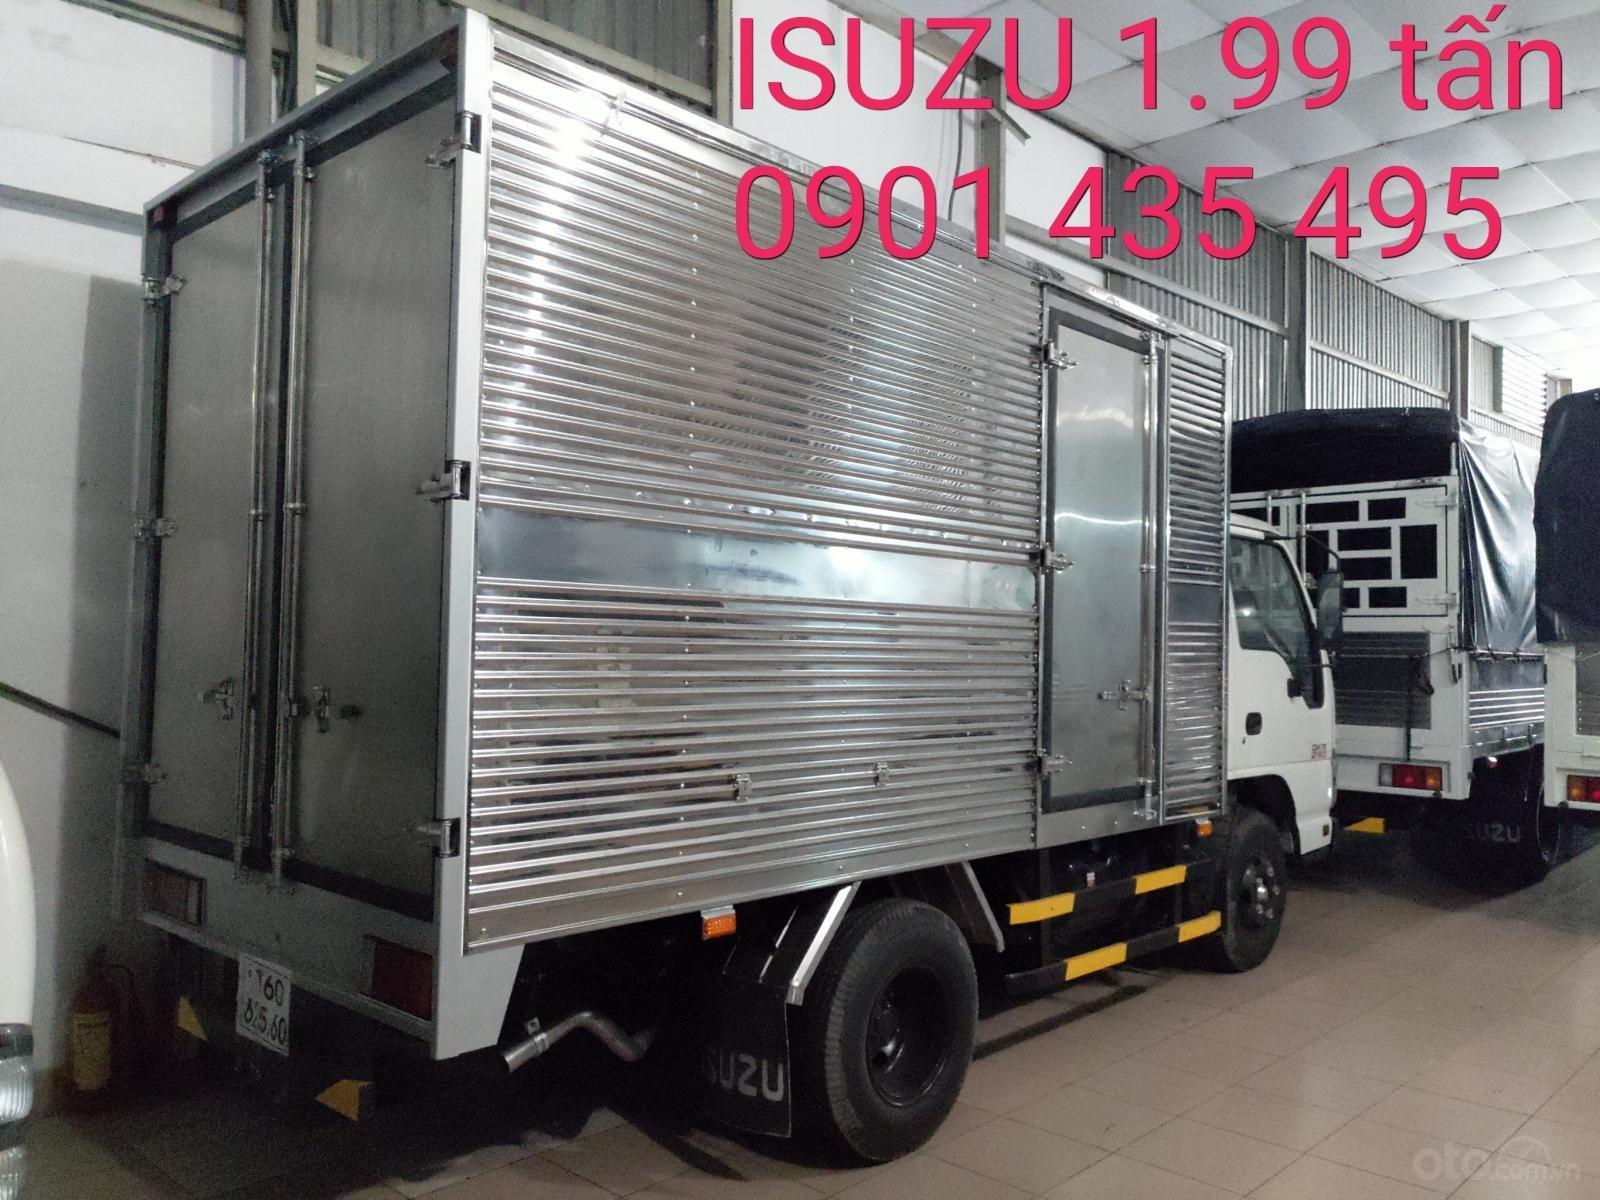 Isuzu 1.99 tấn, KM: 9.4tr tiền mặt, máy lạnh, 12 phiếu bảo dưỡng, radio MP3 (2)